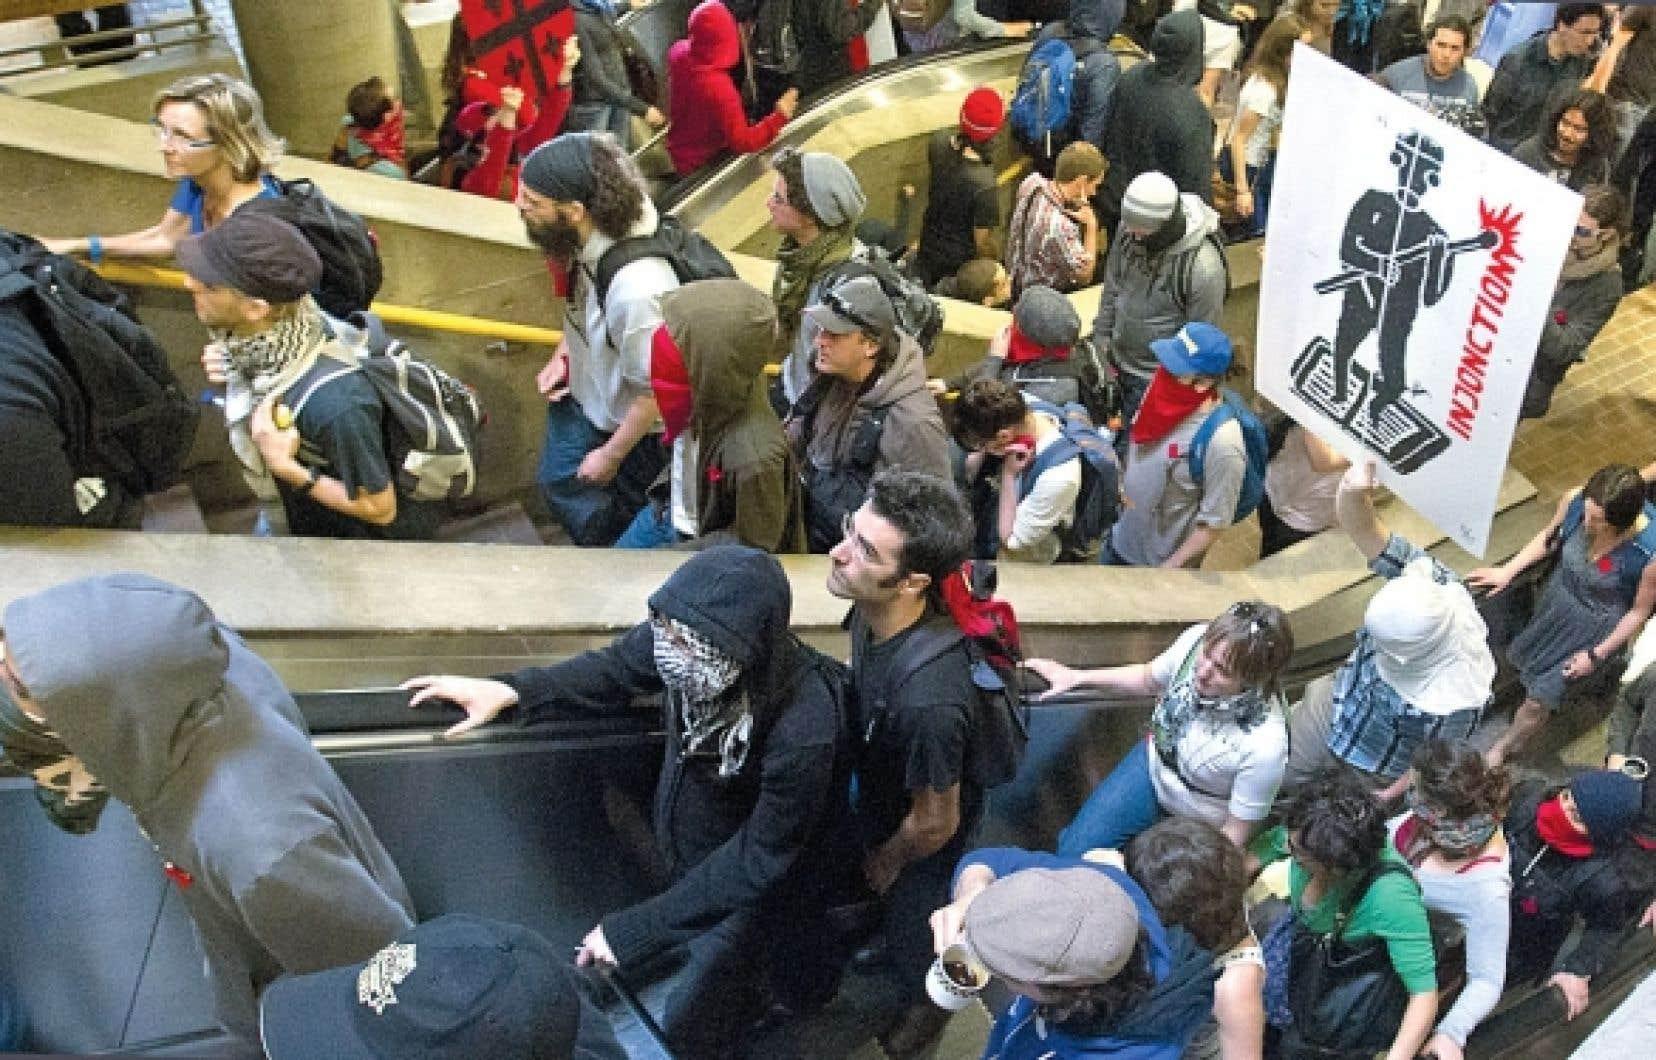 Des étudiants ont manifesté hier matin pour empêcher le retour en classe à l'UQAM.